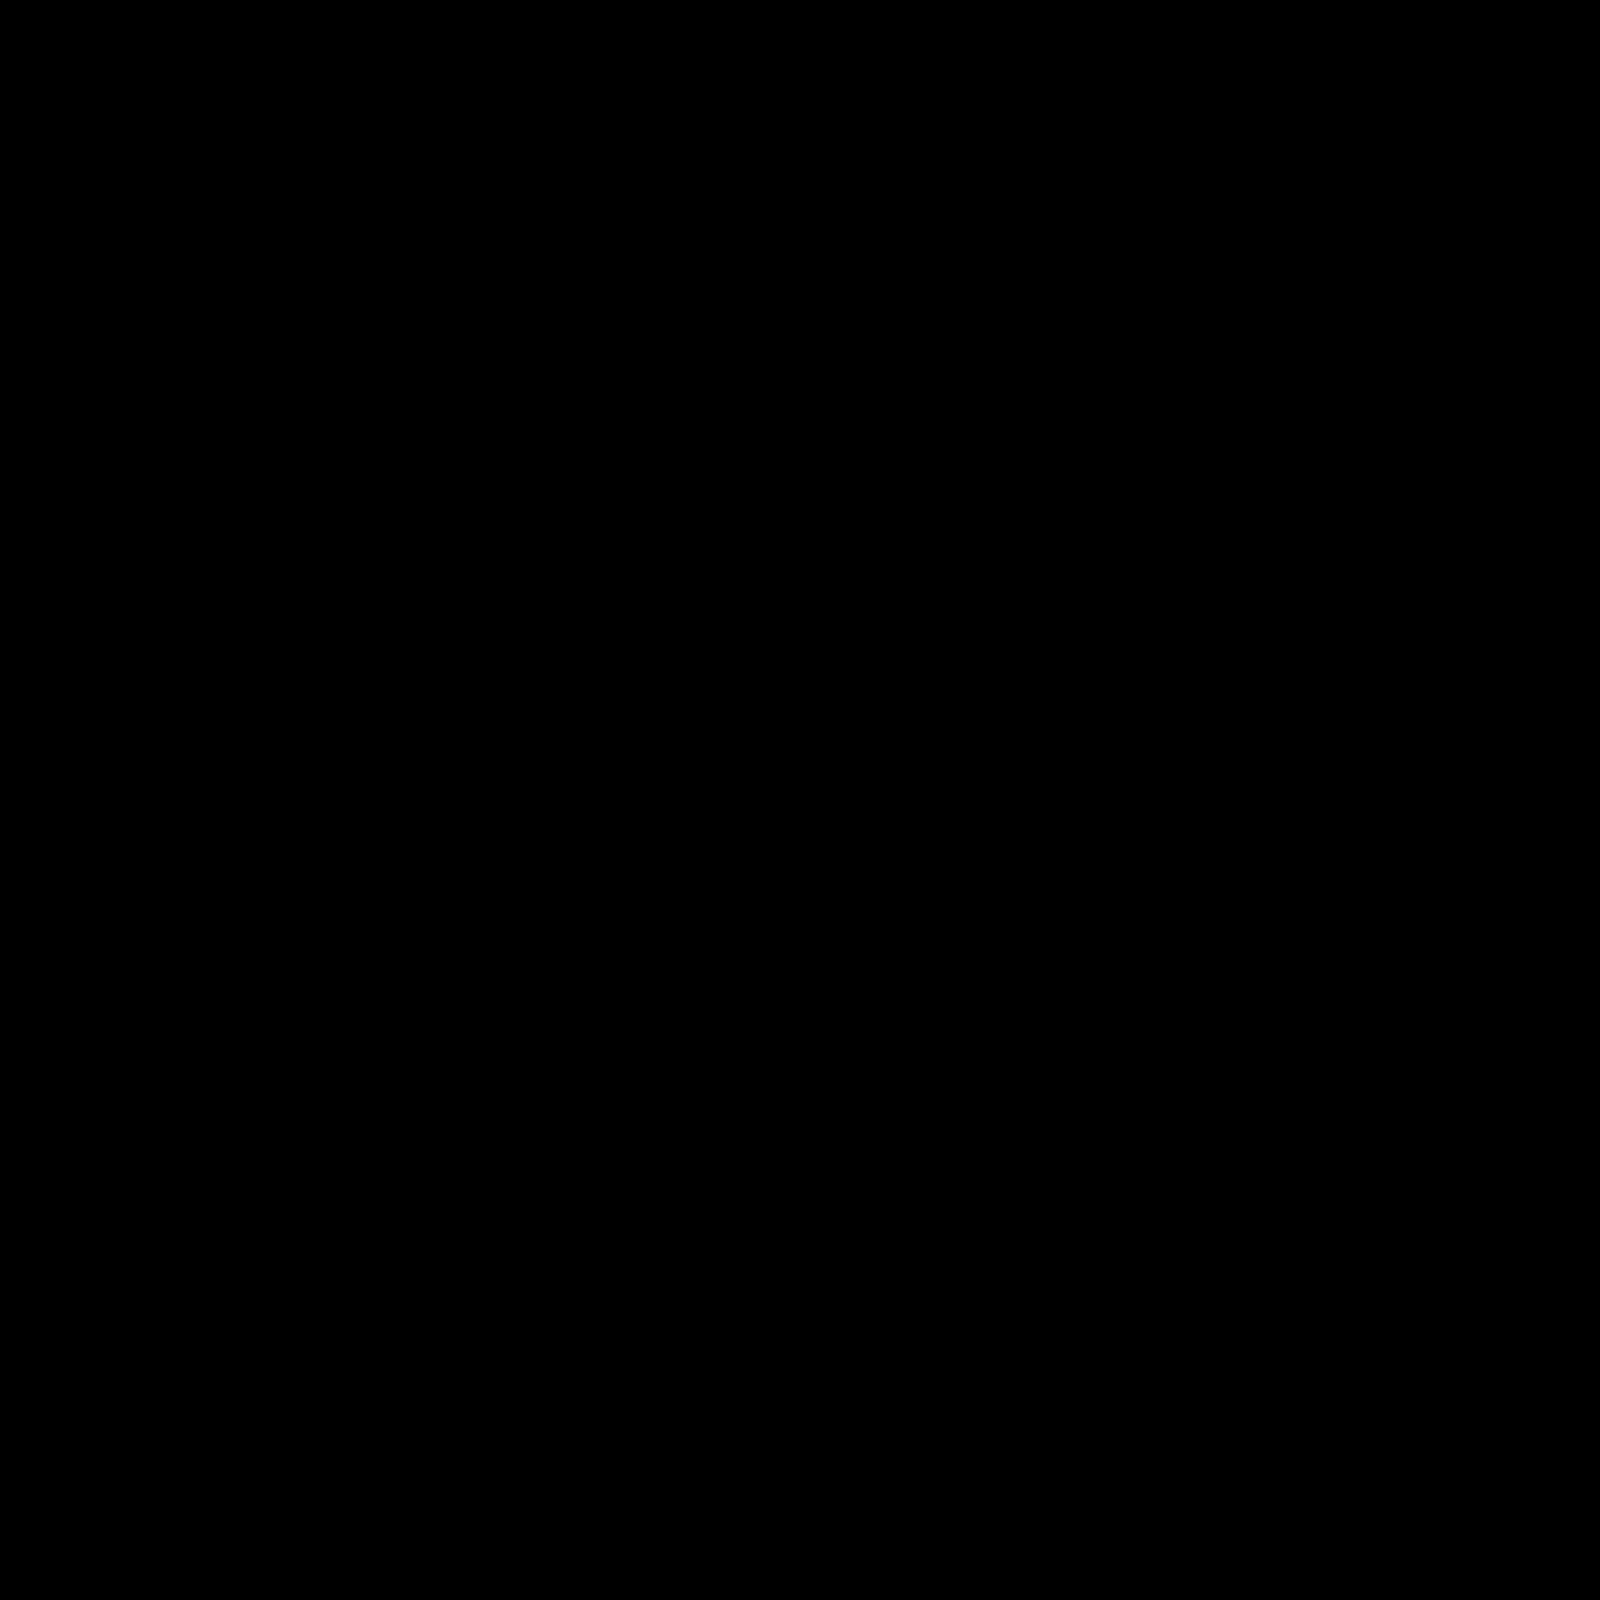 Wyłączono WiFi  icon